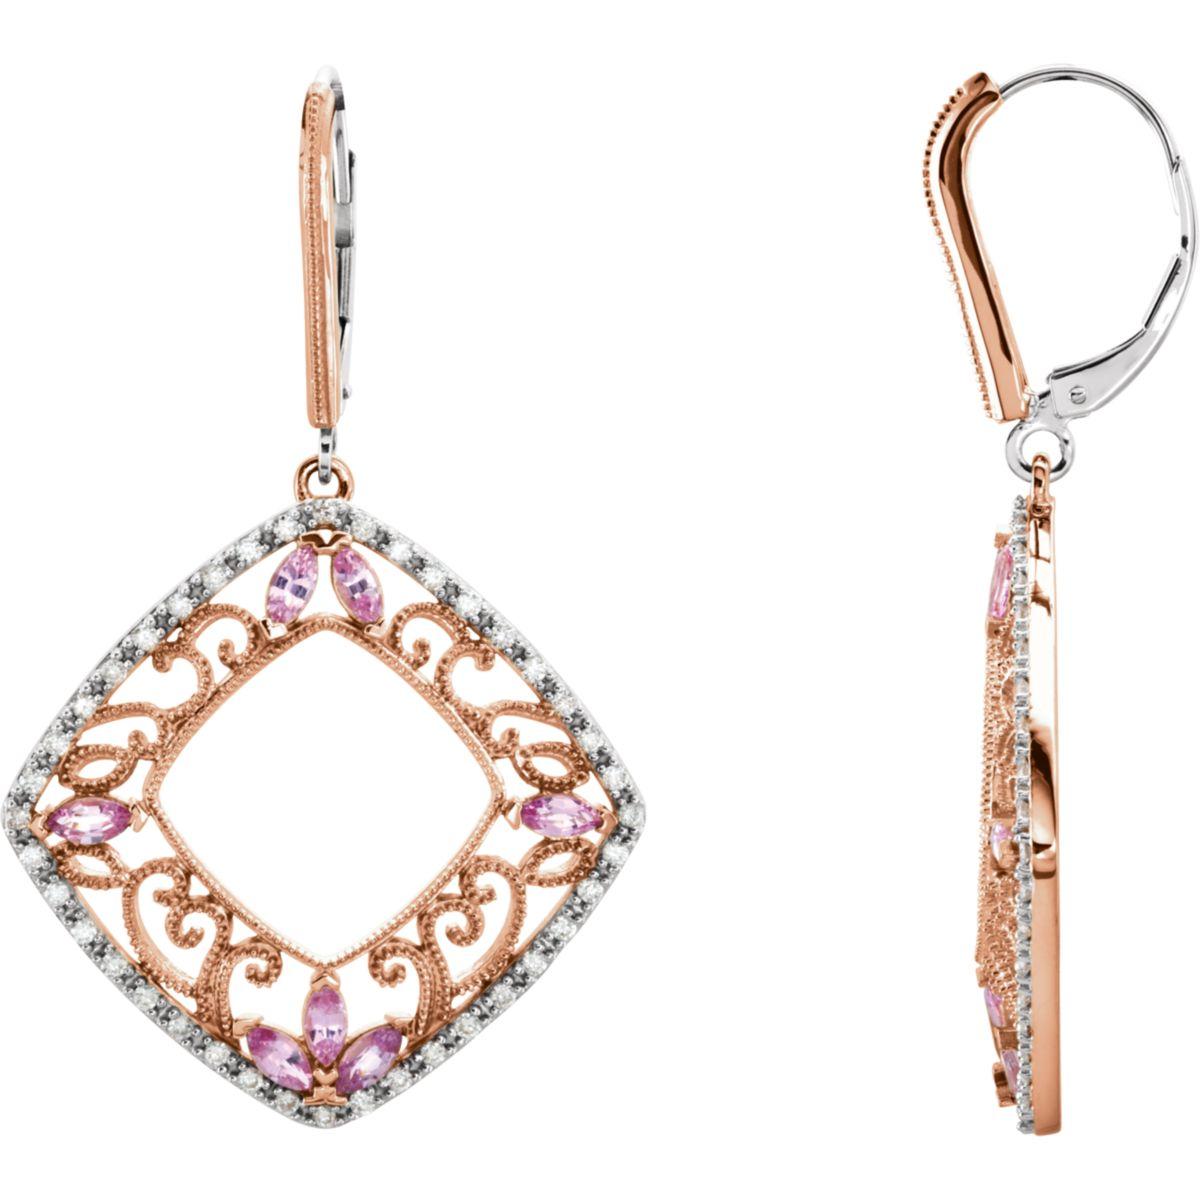 Midwest Jewelry - Earrings 14kt Yellow Pink Sapphire & 1/2 CTW Diamond Earrings